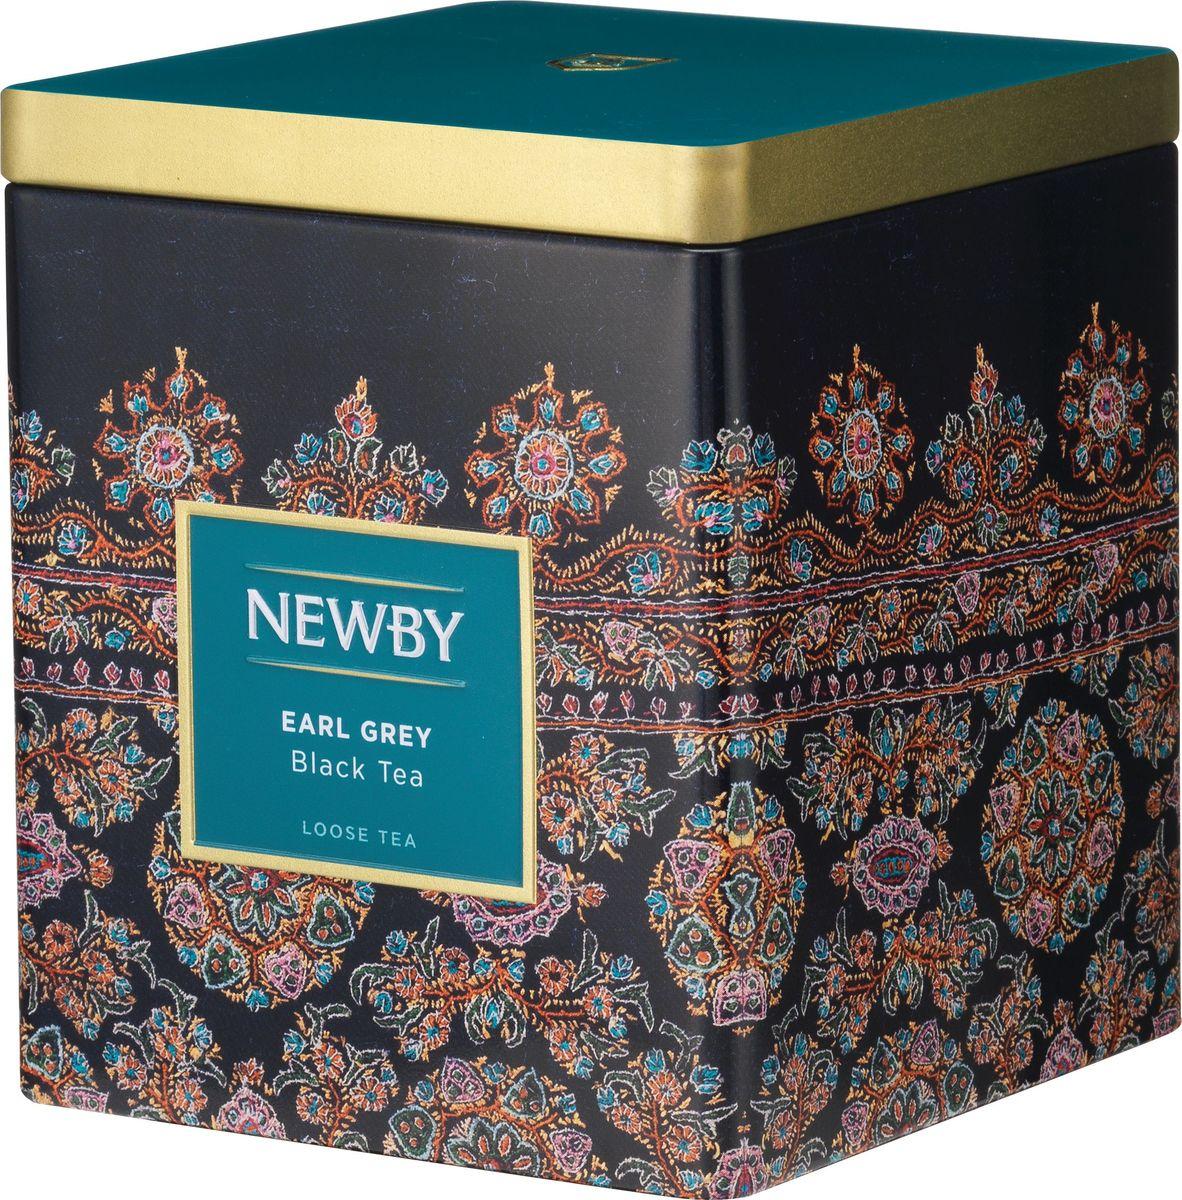 Newby Earl Grey черный листовой чай, 125 г130060АНасыщенный черный чай с натуральным ароматом и цитрусовым вкусом спелого бергамота.Всё о чае: сорта, факты, советы по выбору и употреблению. Статья OZON Гид